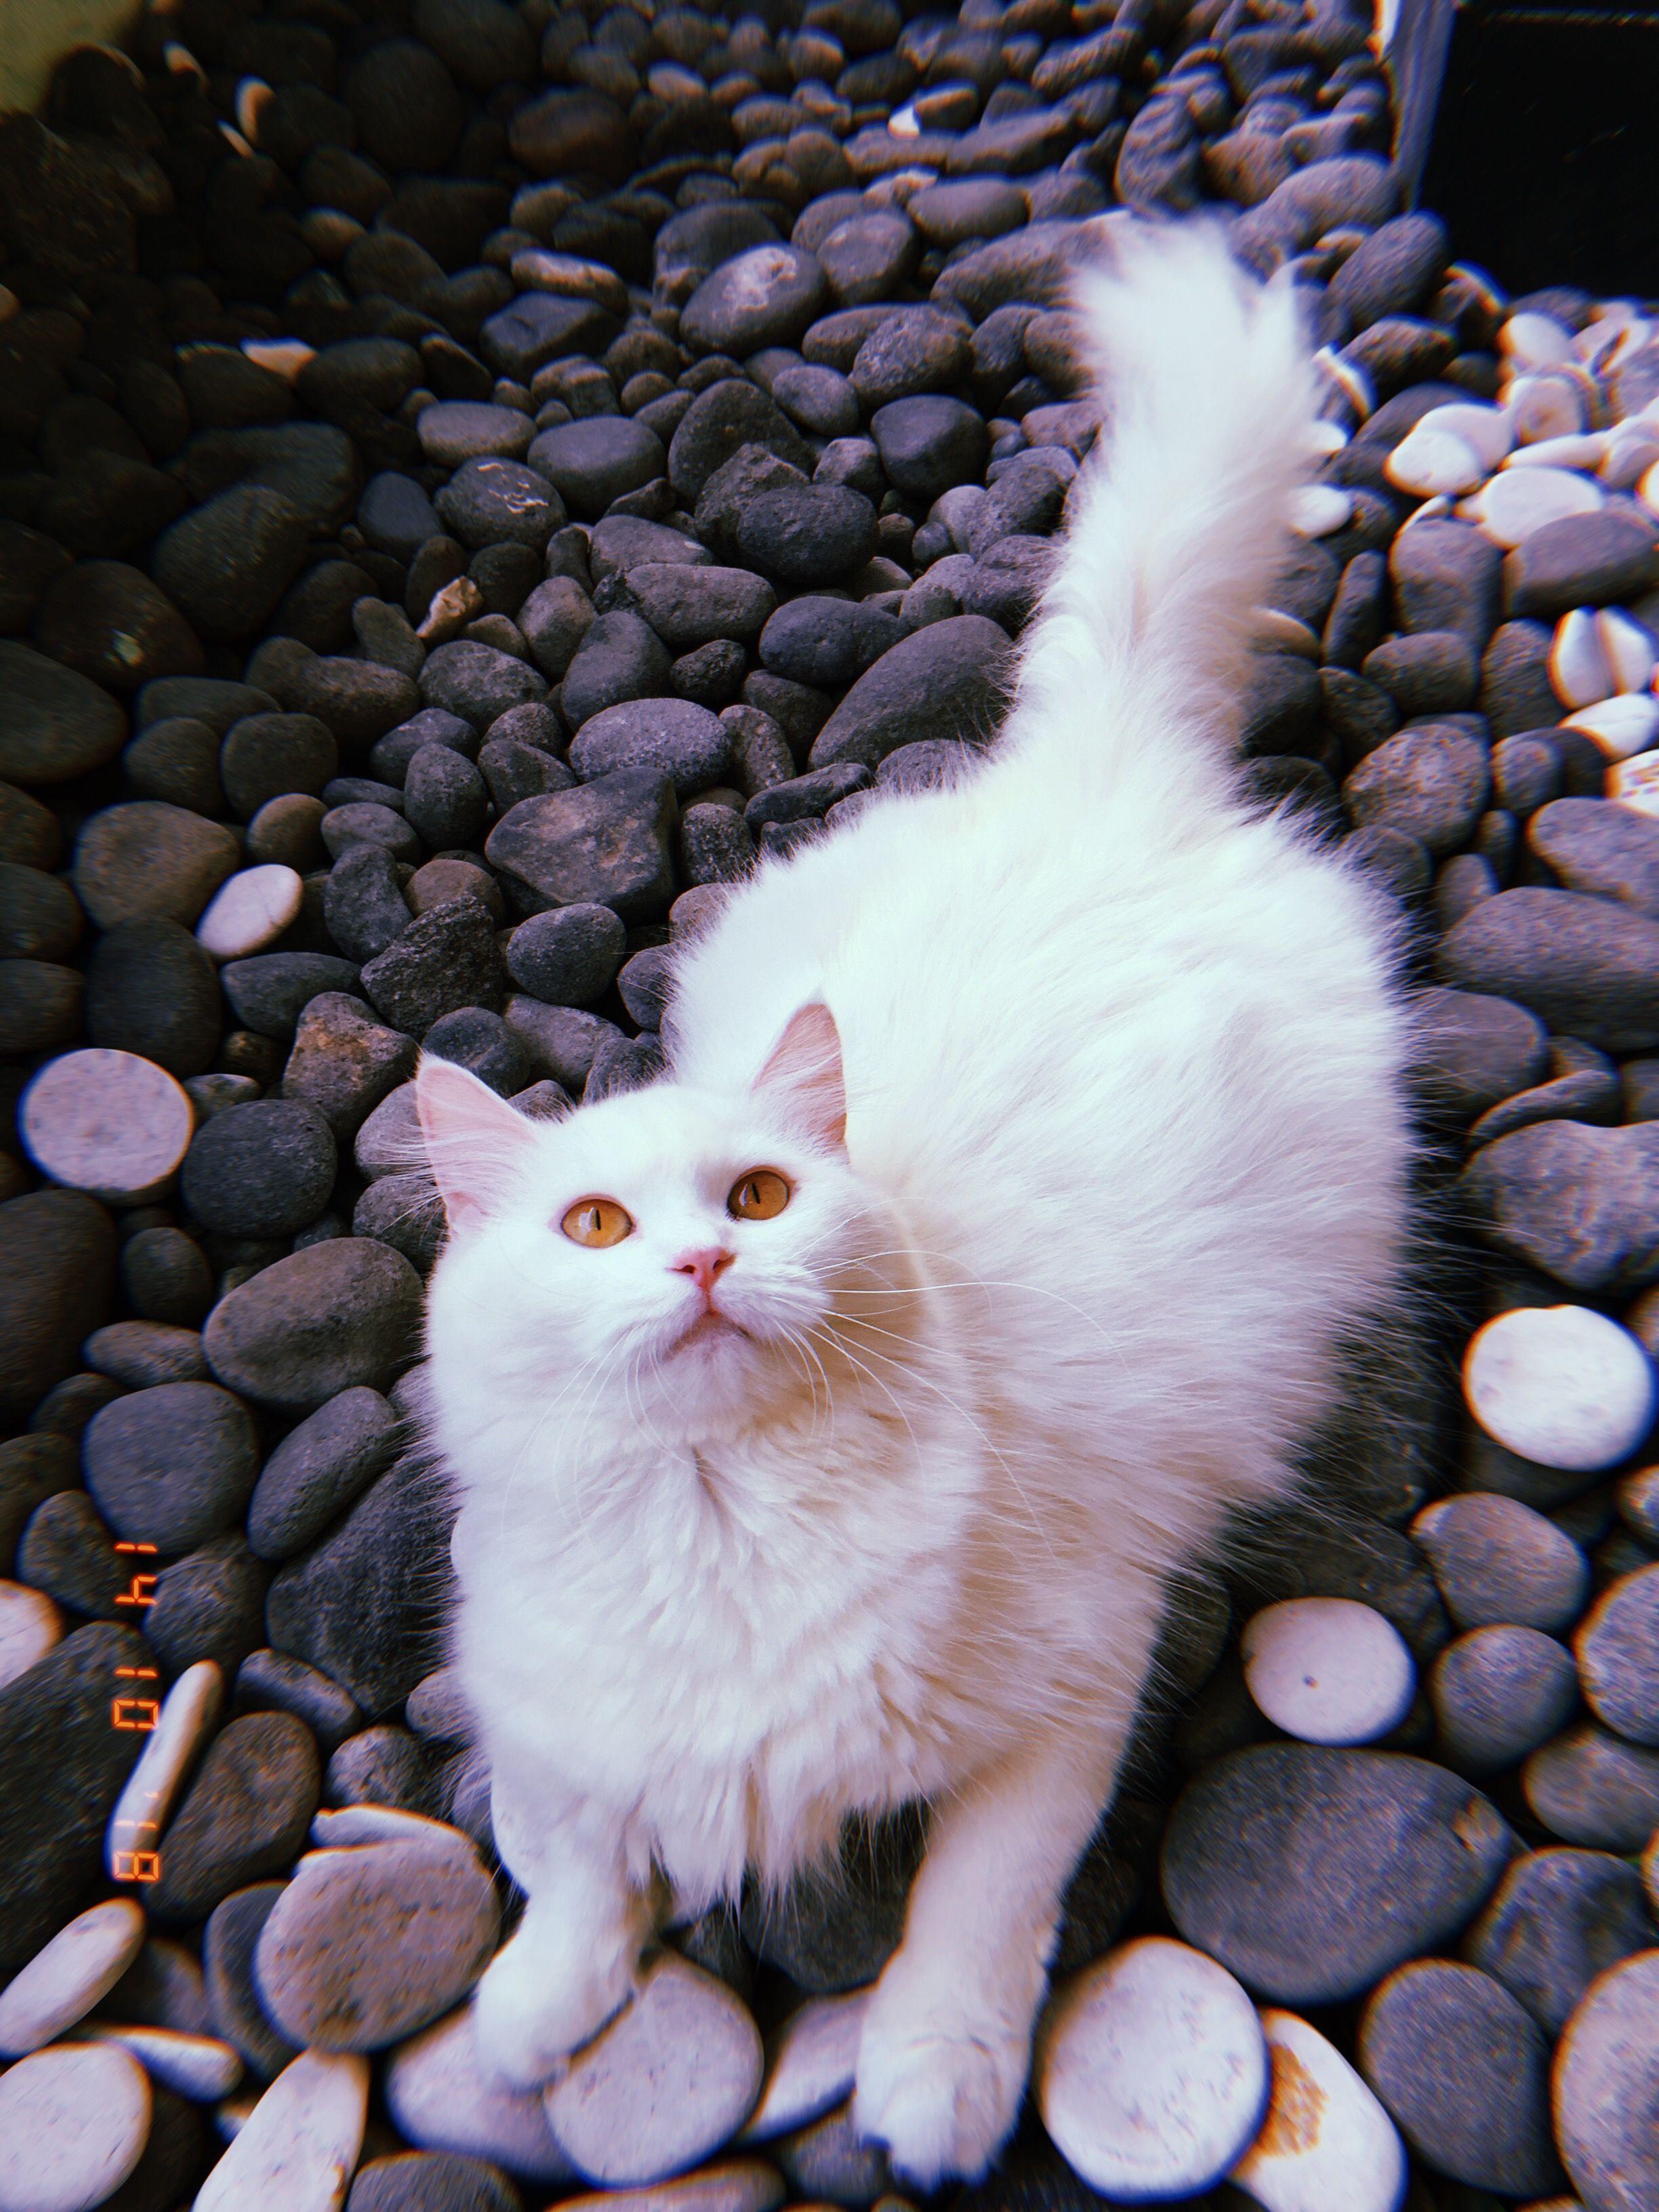 Pin Oleh Angela Benna Di Sweet Cats Di 2020 Binatang Binatang Lucu Kucing Cantik